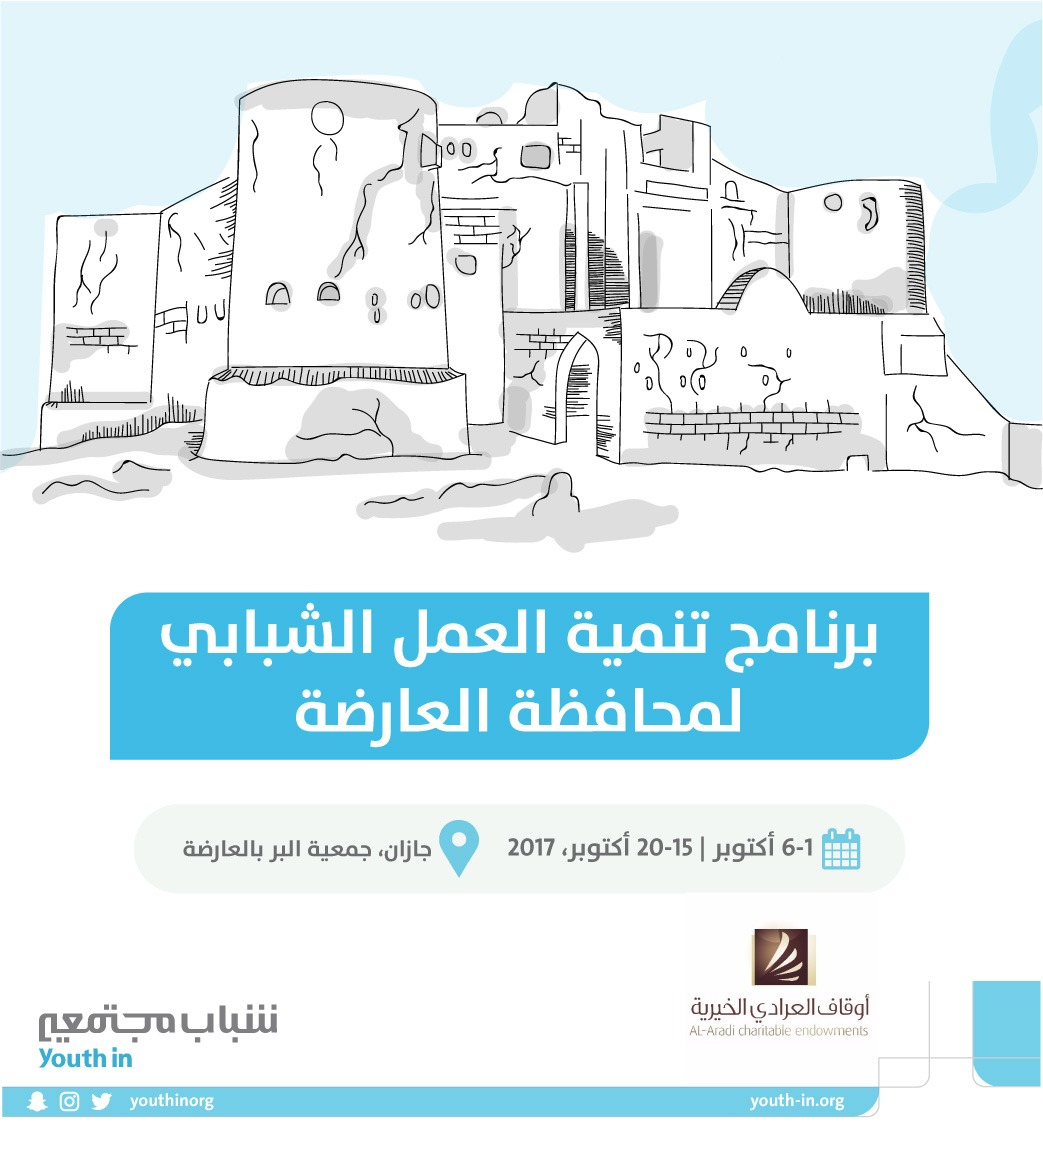 برنامج تنمية العمل الشبابي لمحافظة العارضة